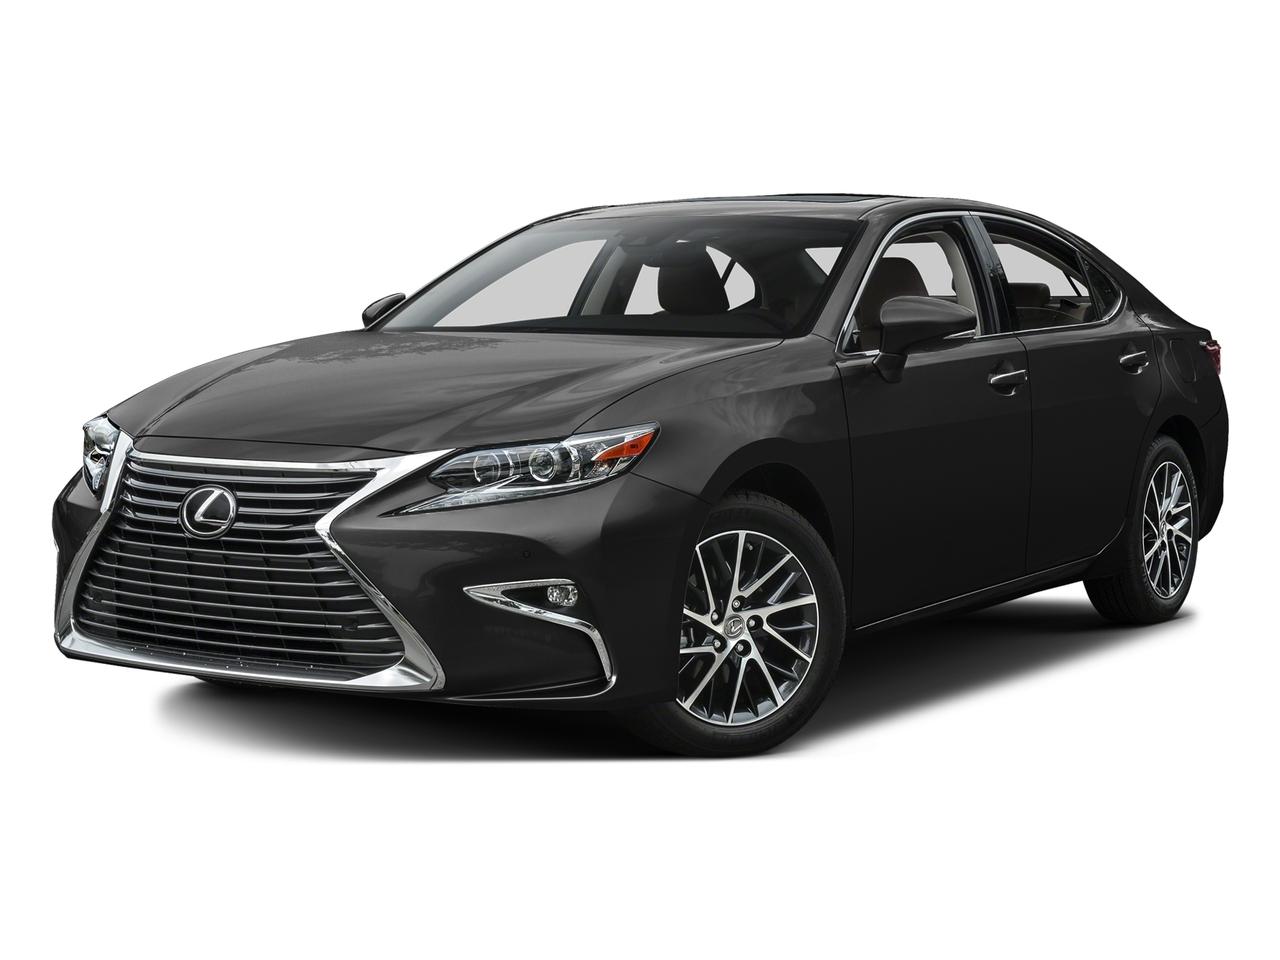 2016 Lexus ES 350 4DR SDN Wilmington NC